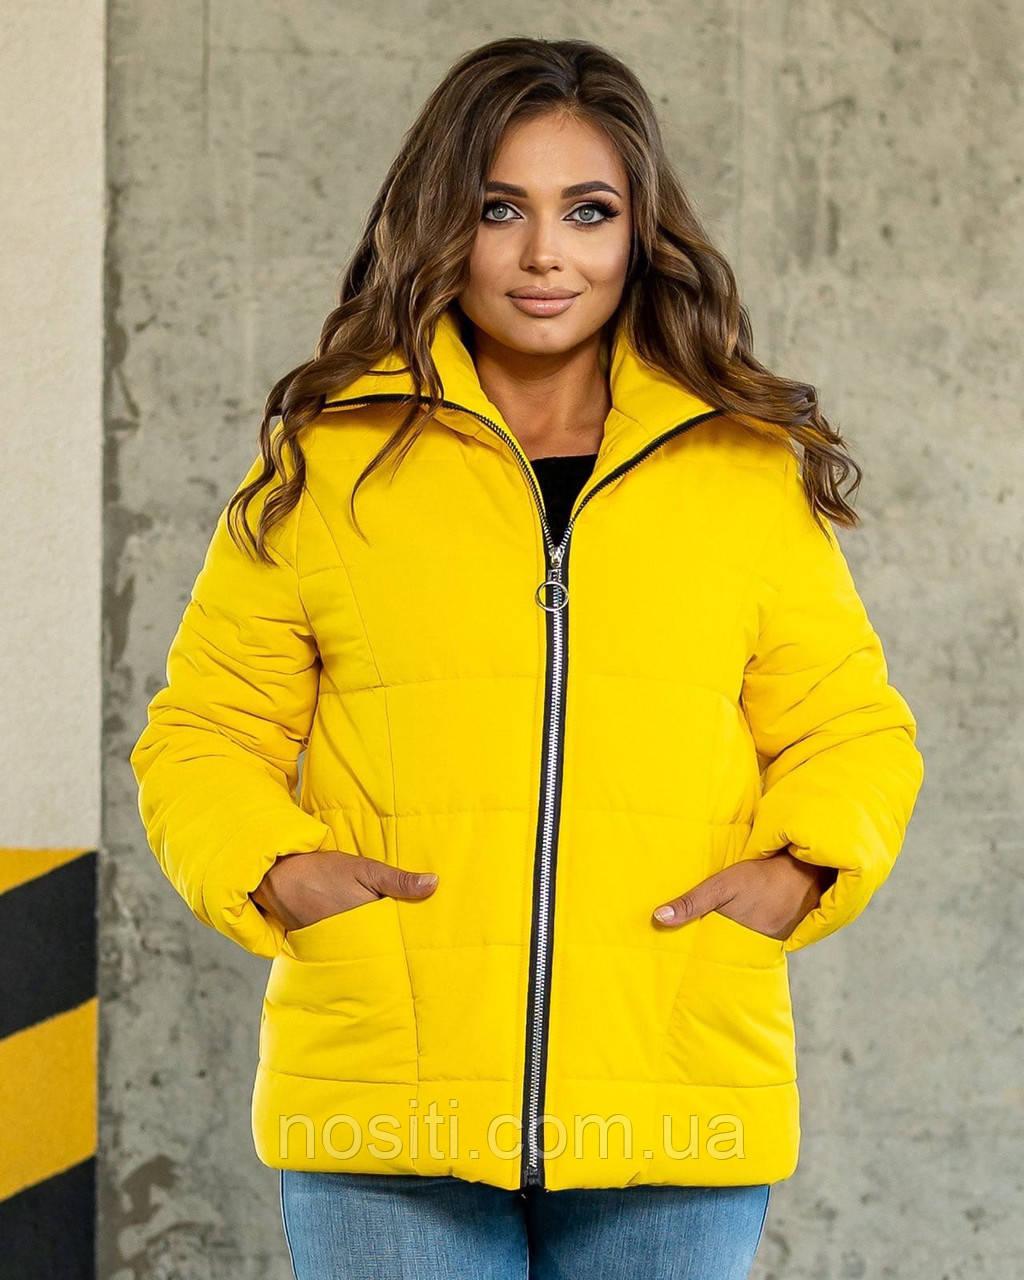 Батальна жіноча куртка з високим коміром на синтепоні